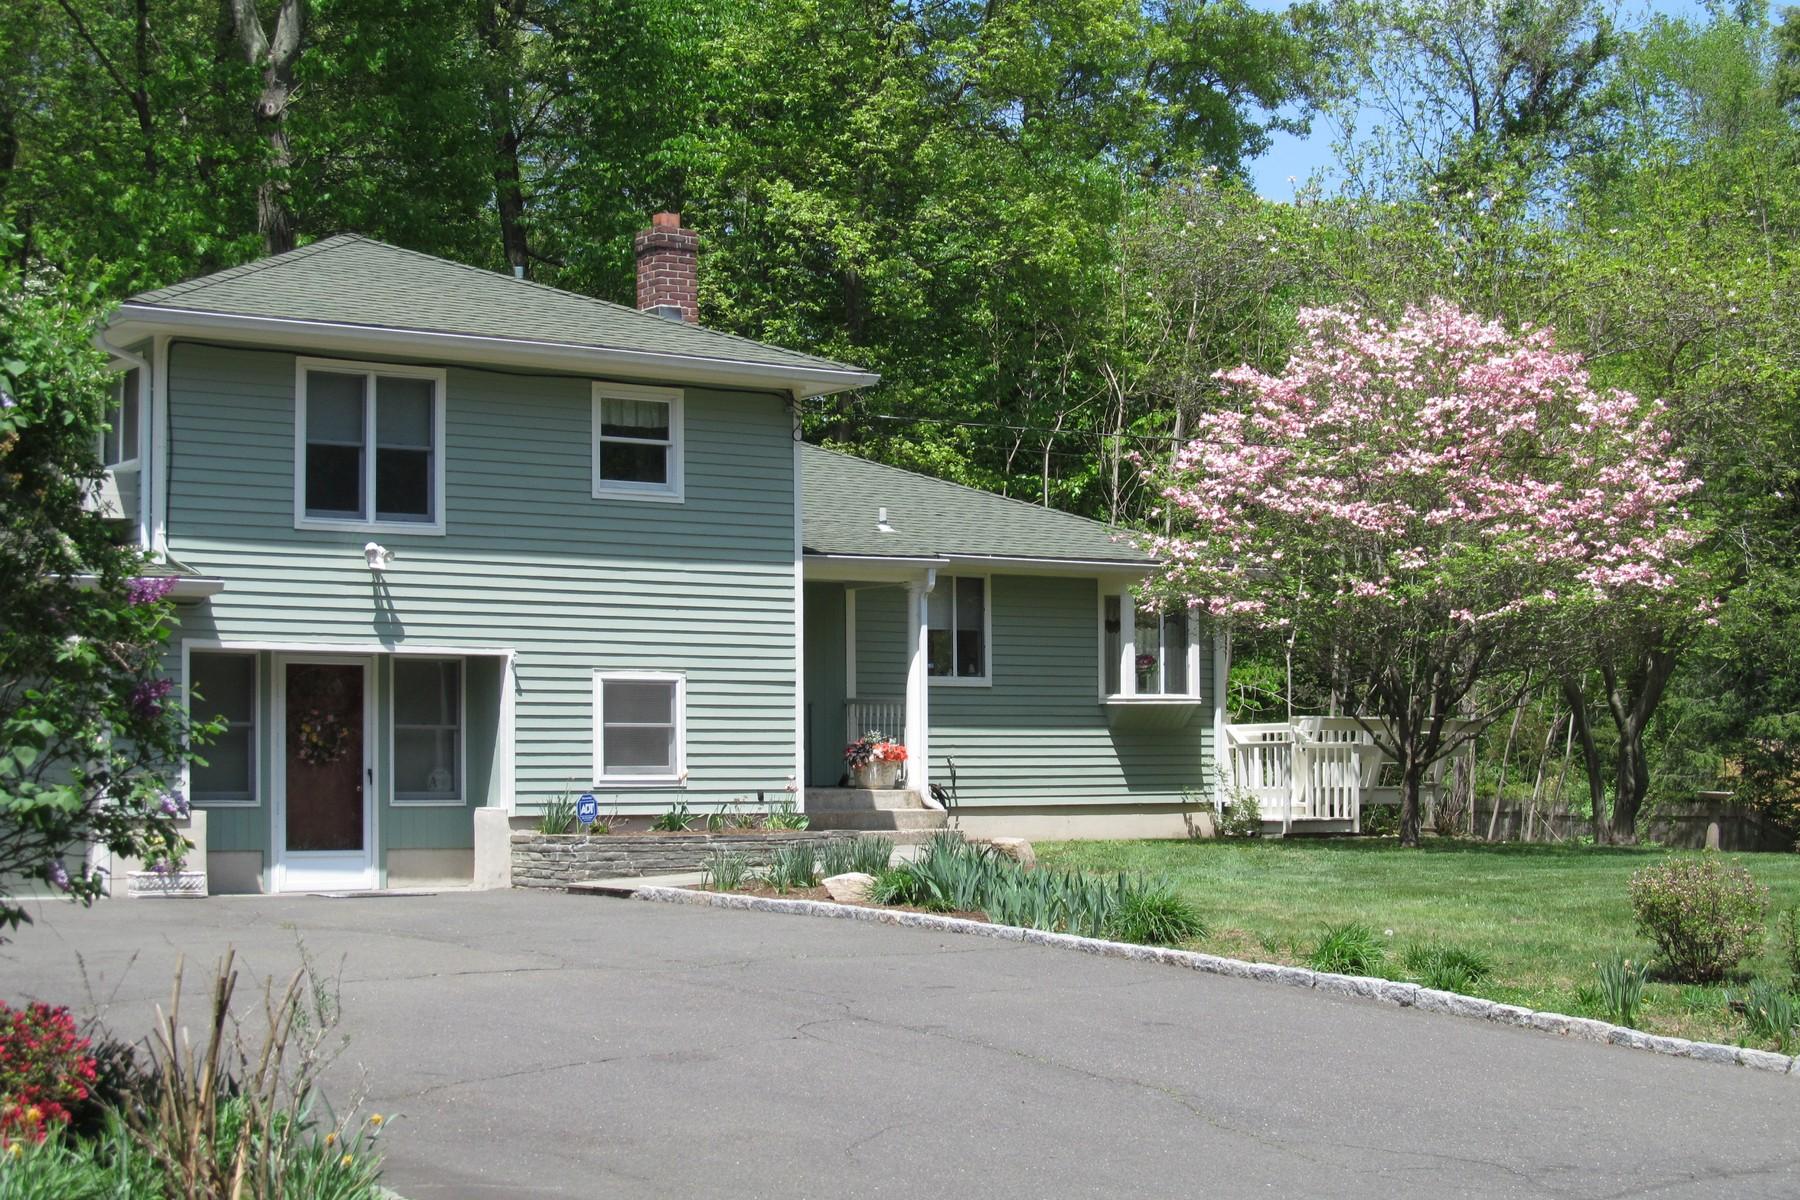 Частный односемейный дом для того Продажа на Cranbury Area Split Level with Potential Au Pair Space 1 Eastwood Road Norwalk, Коннектикут 06851 Соединенные Штаты